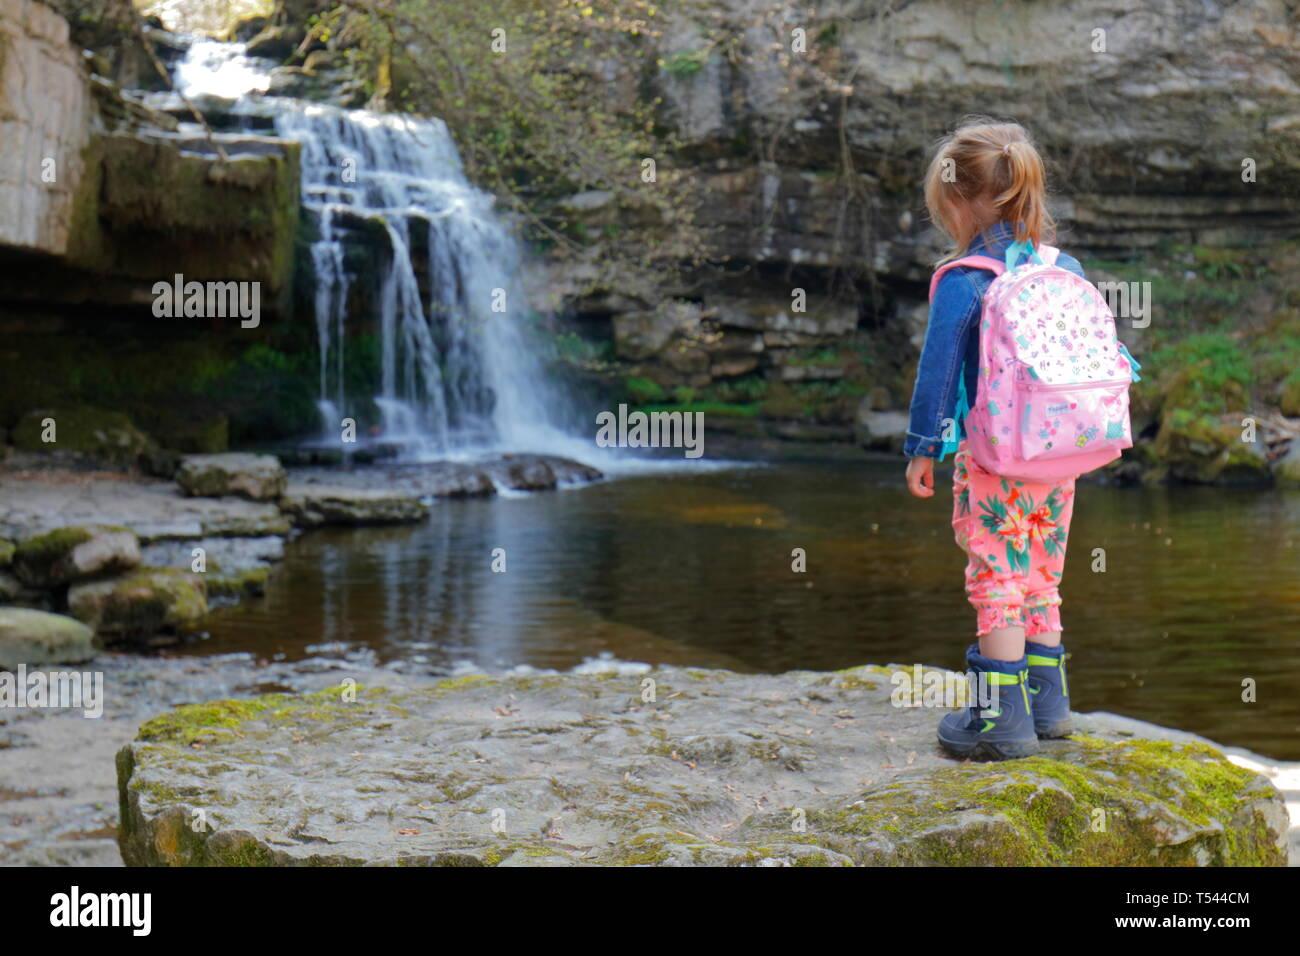 Ein 3 Jahre altes Mädchen Uhren Wasser cascading bei West Burton fällt in den Yorkshire Dales National Park Stockfoto